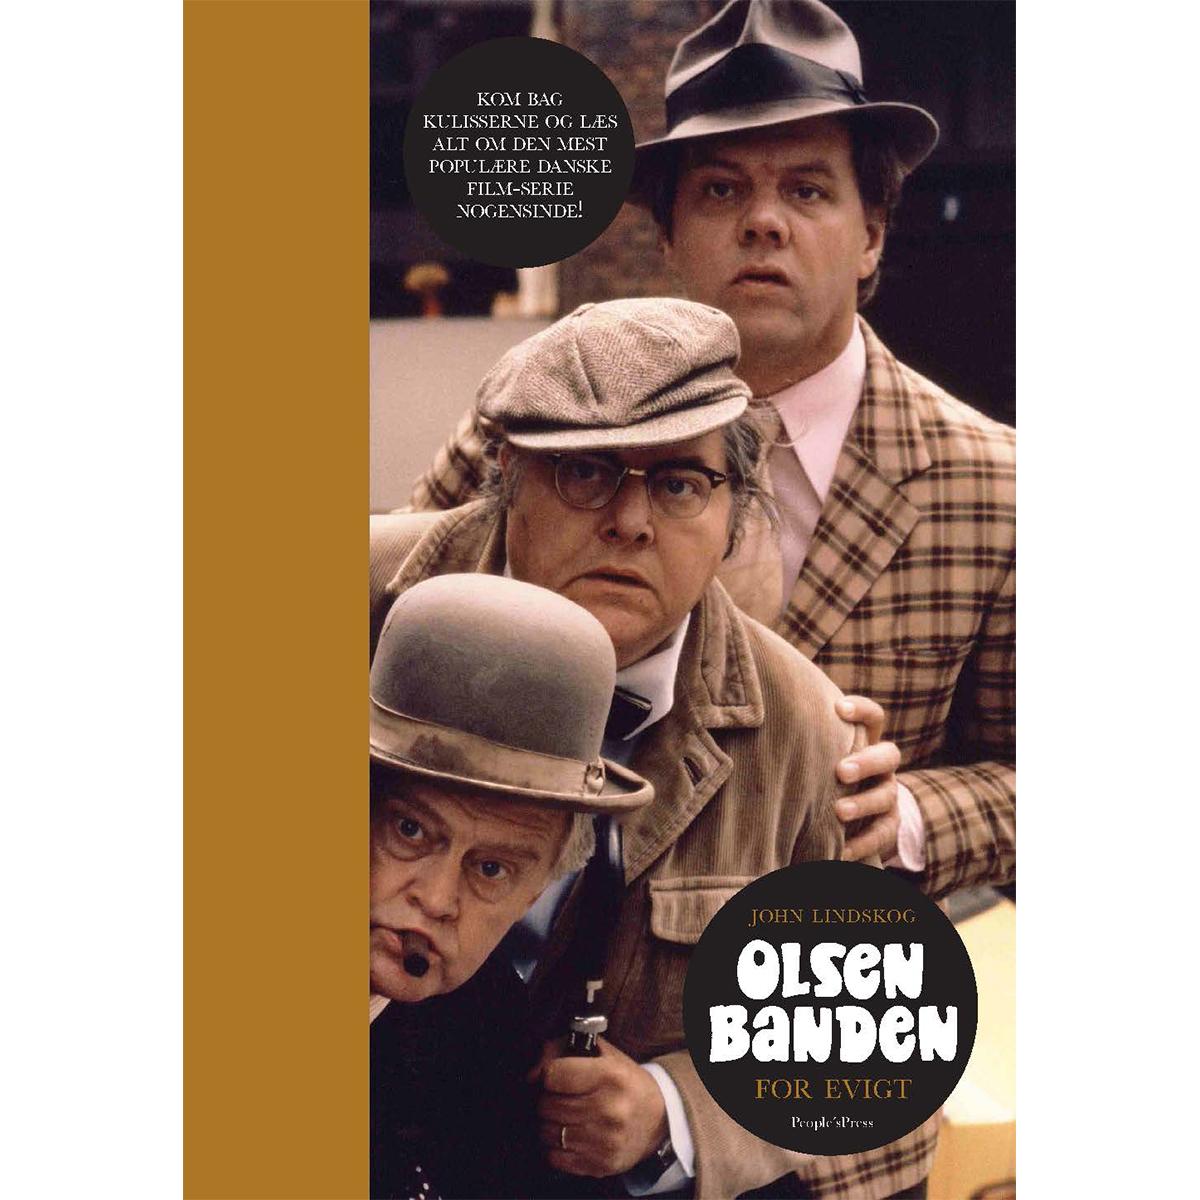 Olsen-banden - for evigt - Indbundet